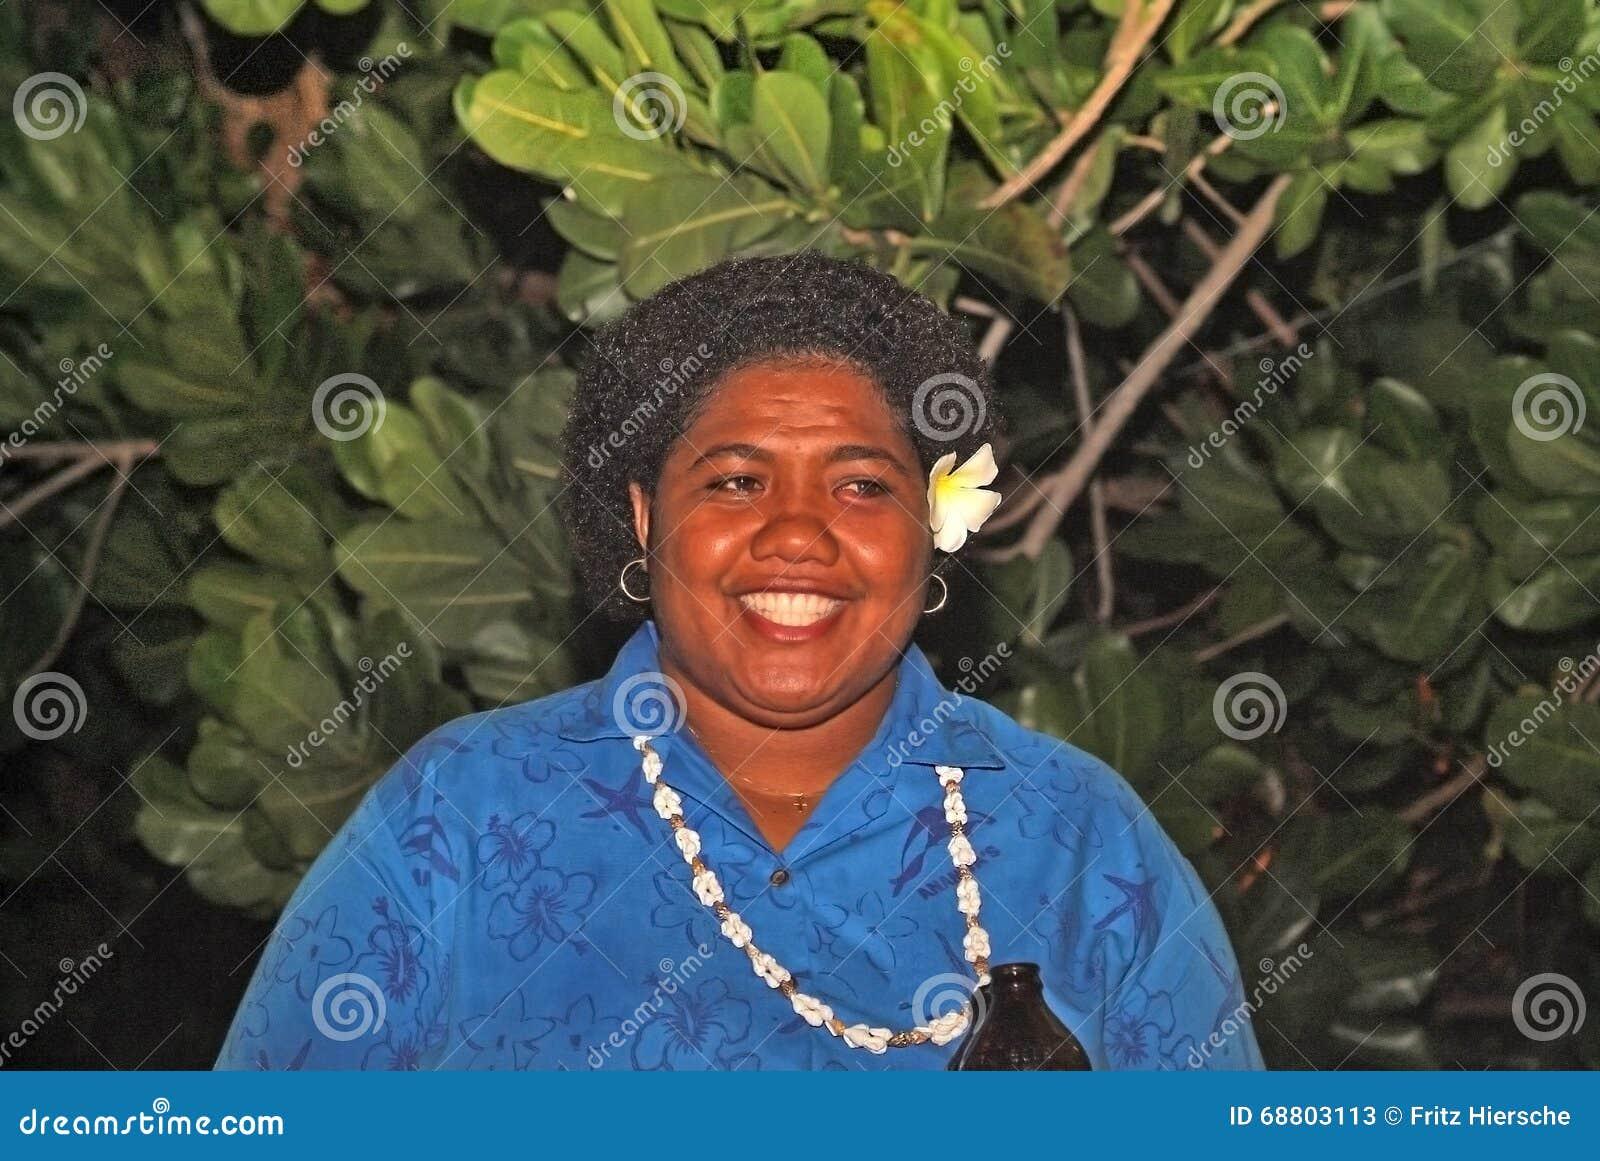 Fiji folk